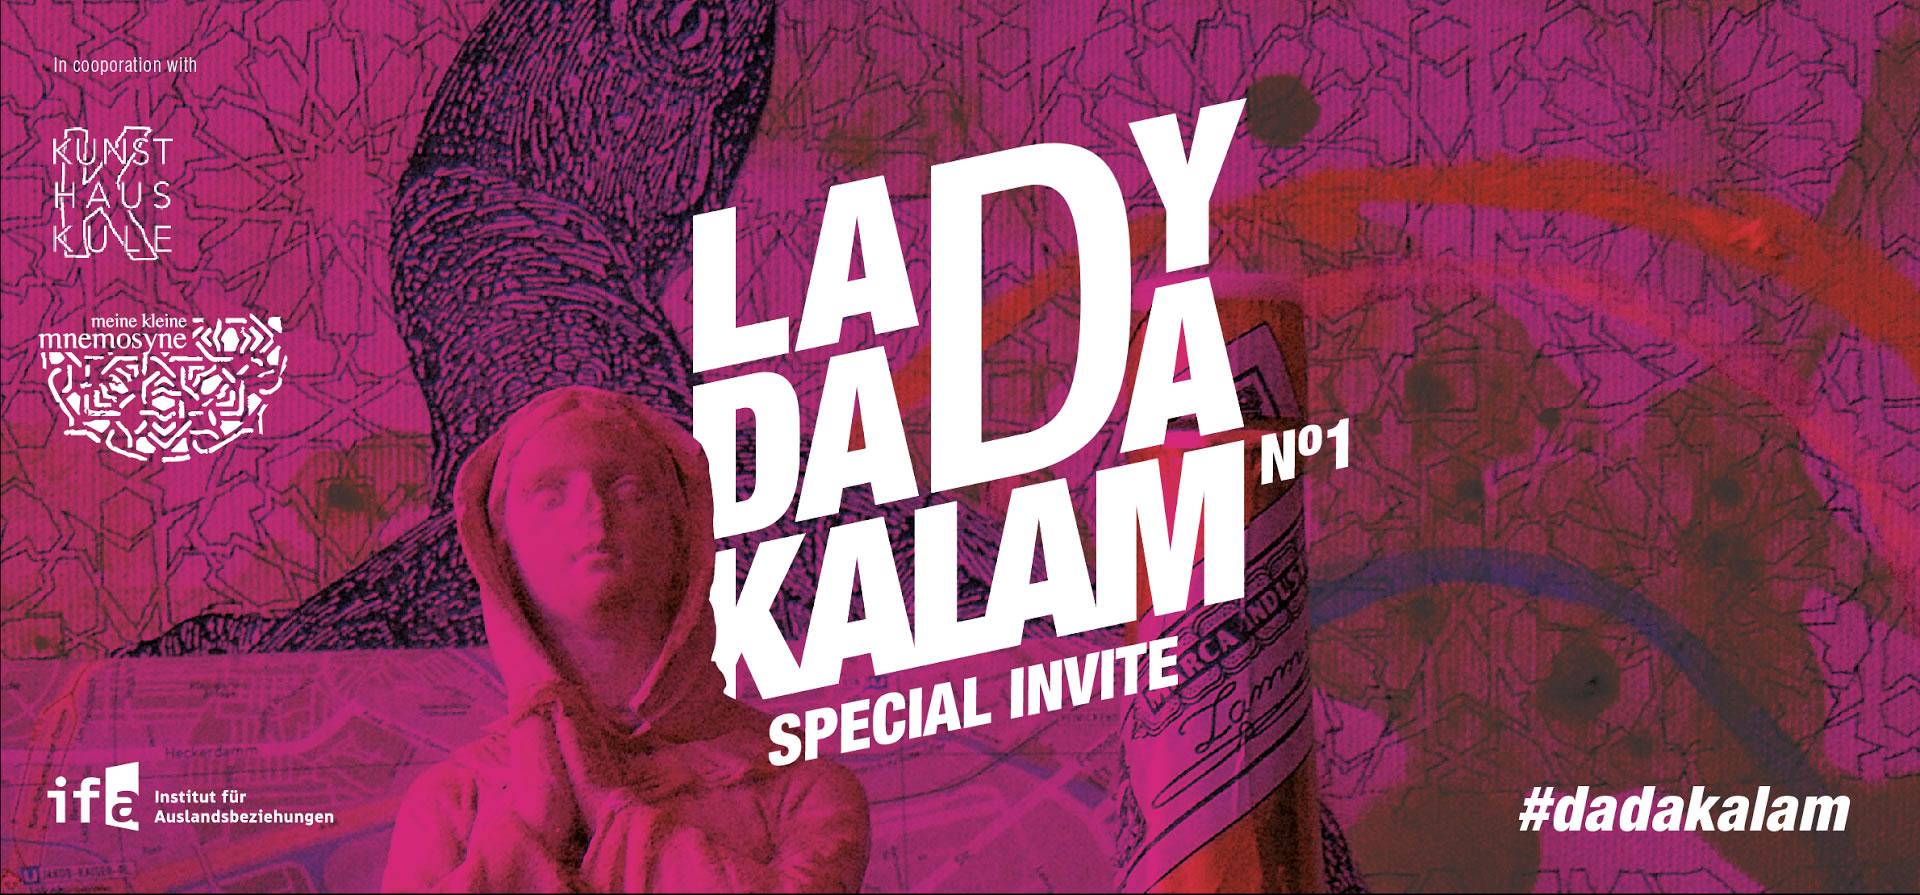 invite lady dada kalam current